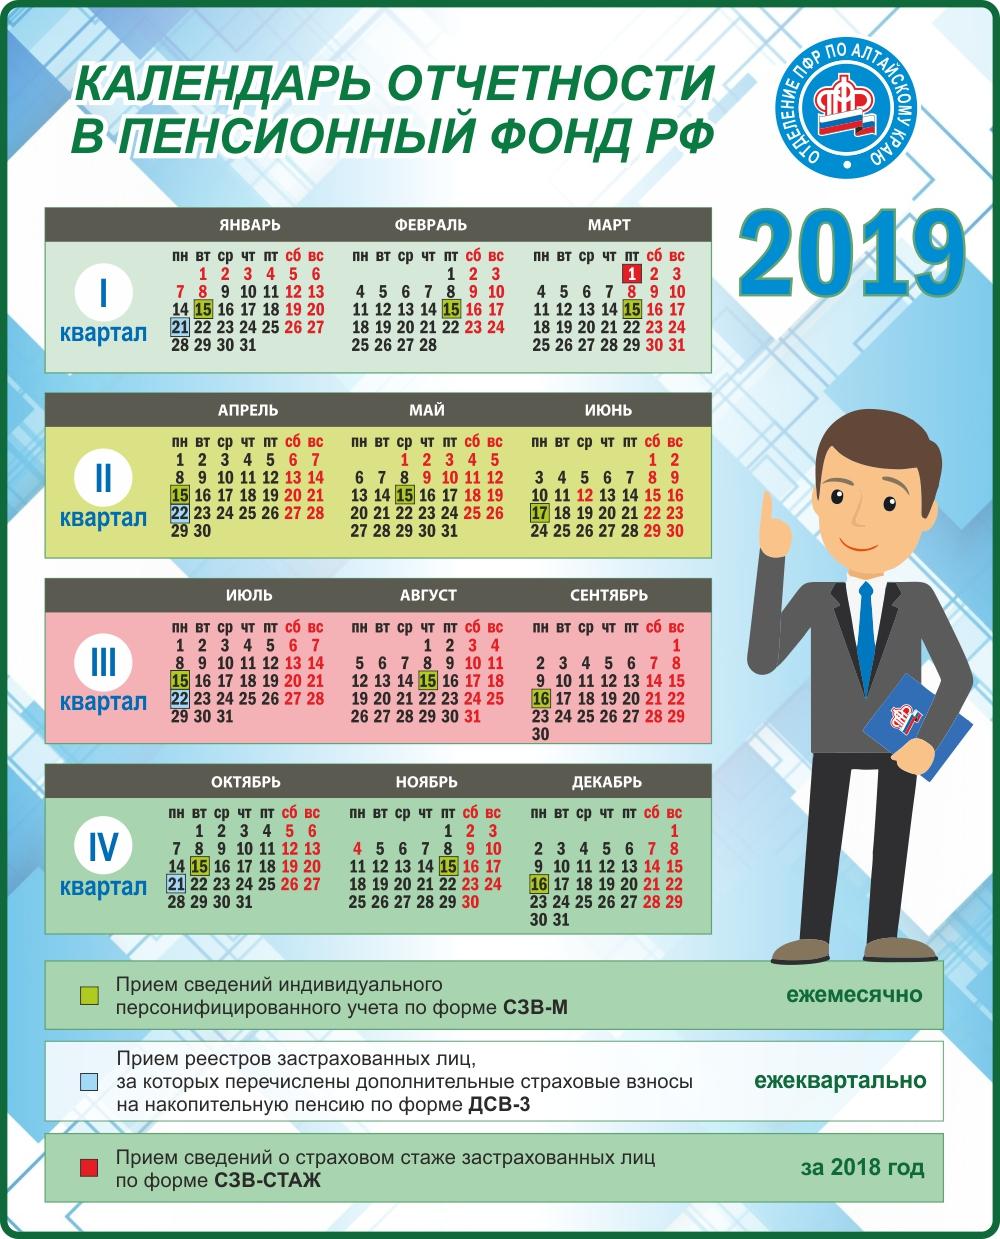 Каждый сотрудник обойдется в 500 рублей, если не подать в ПФР ежемесячную отчетность